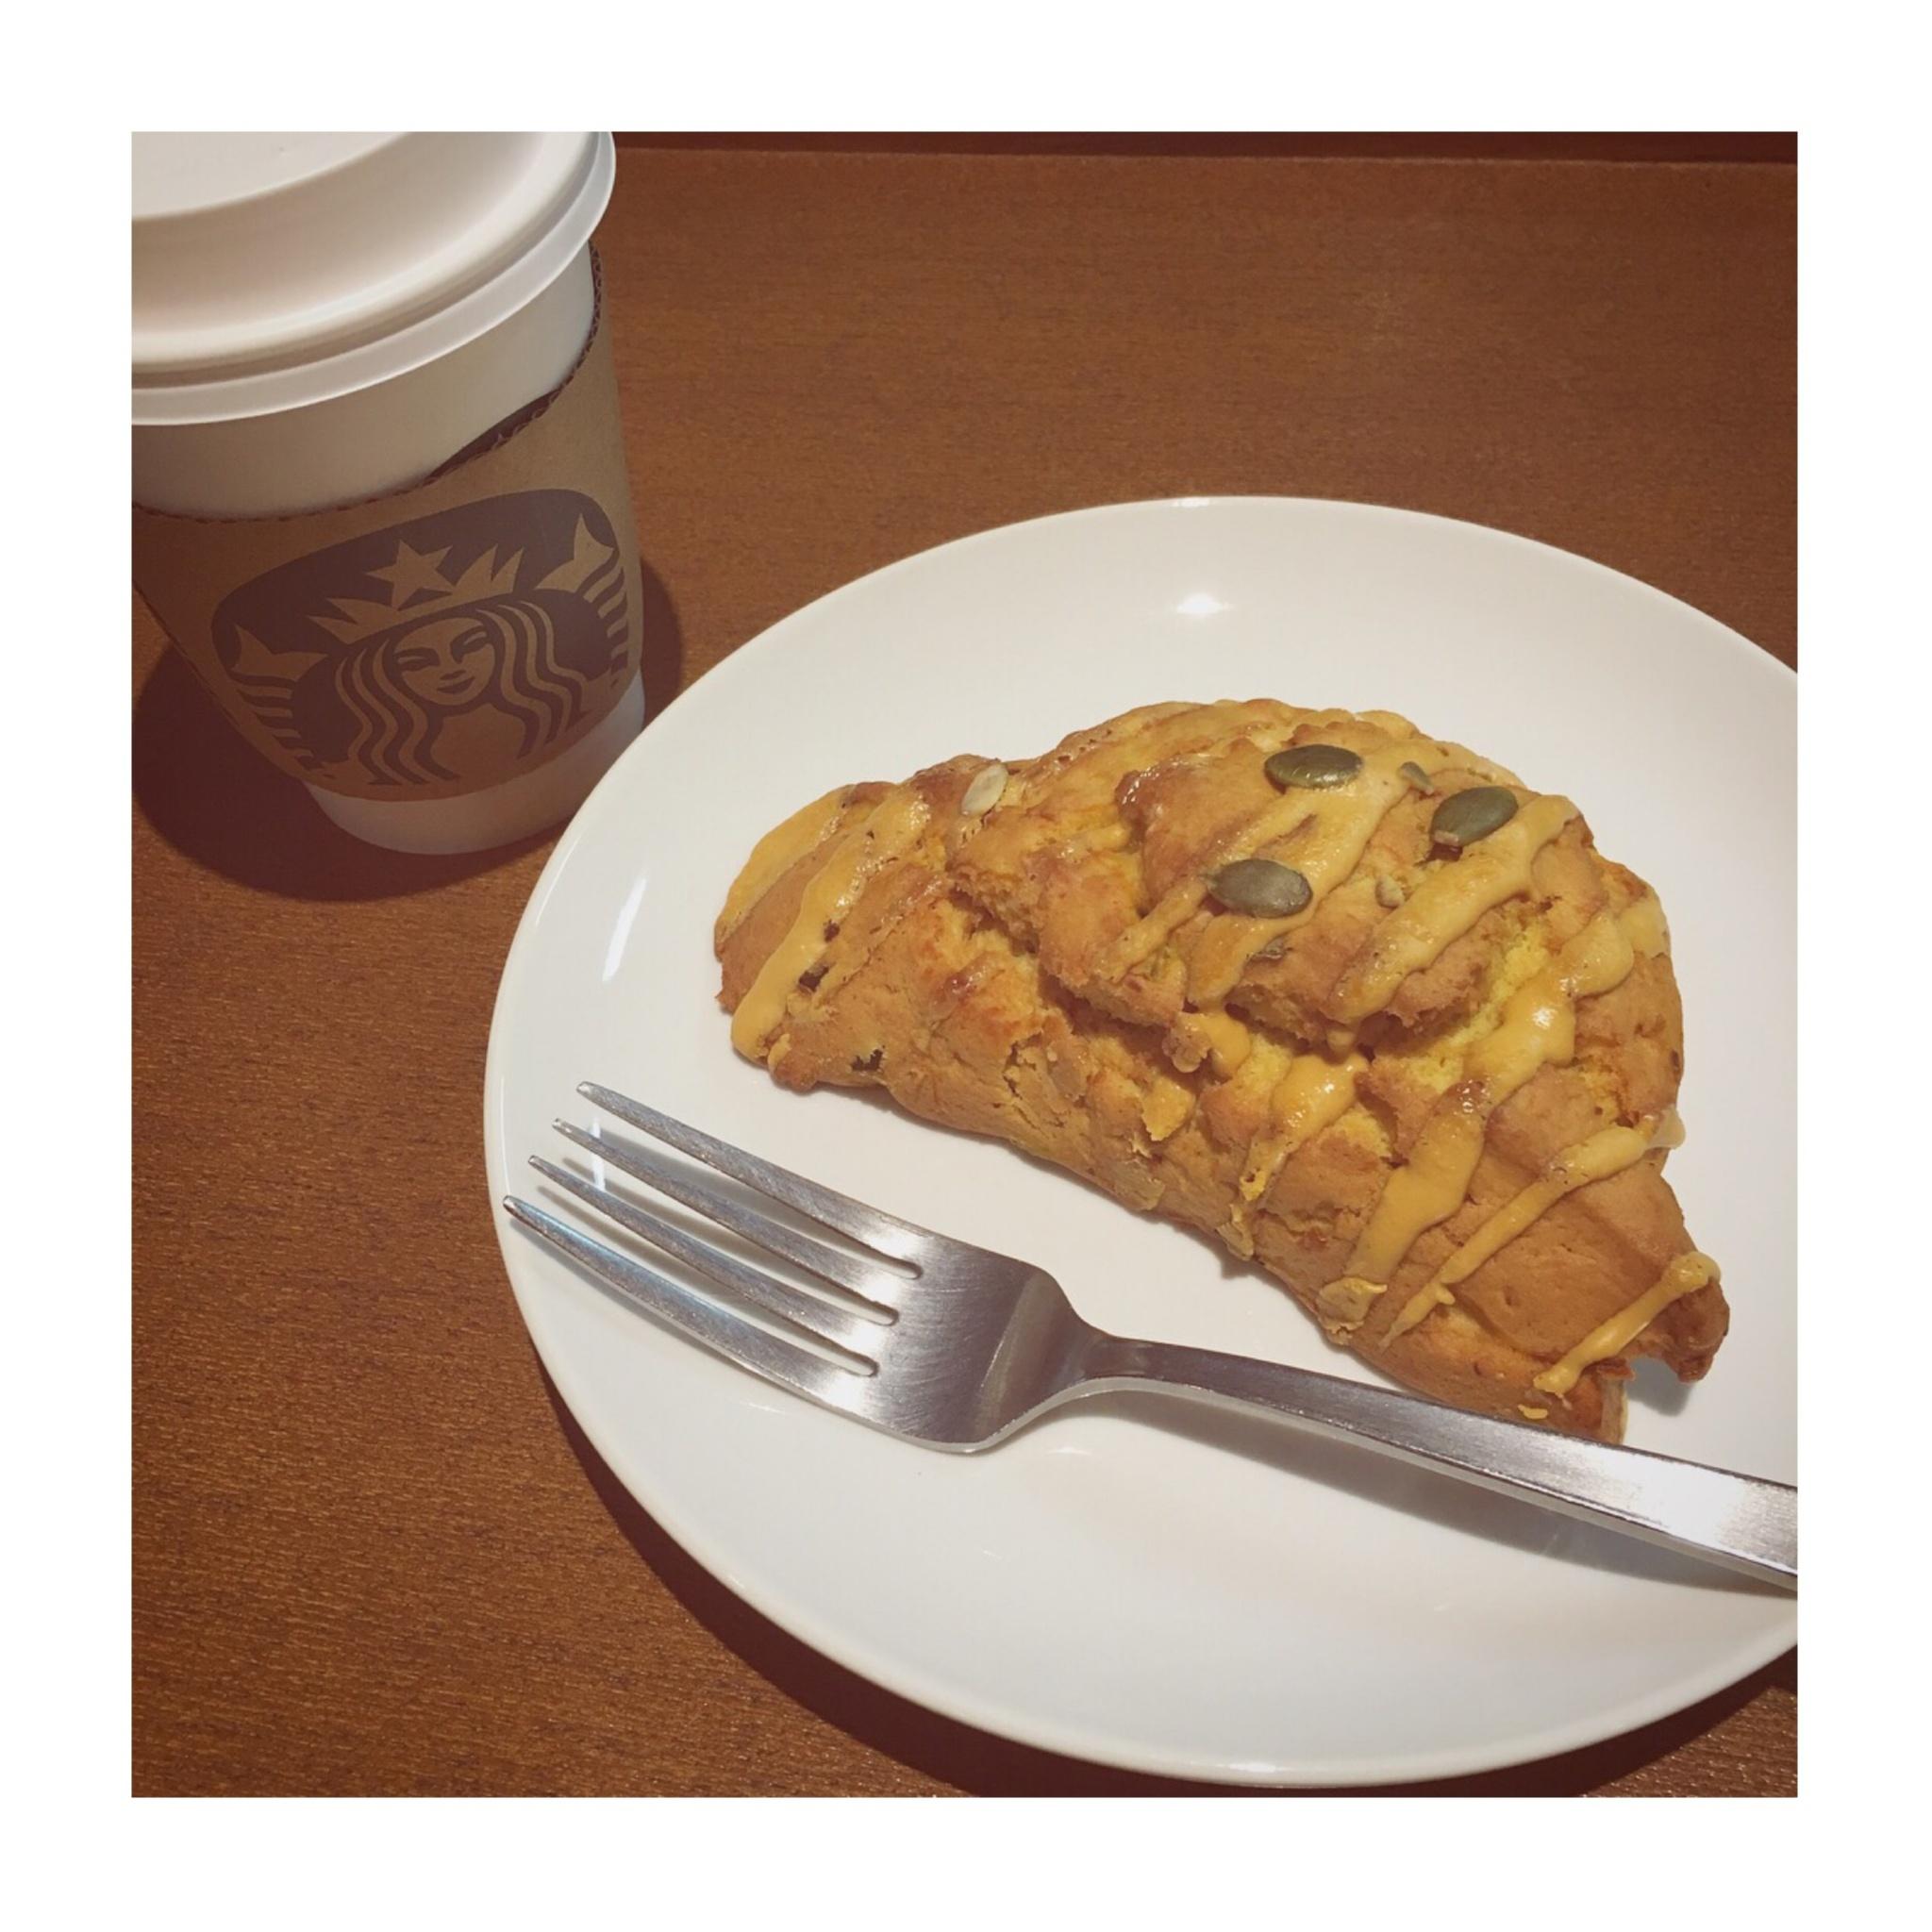 《ほくほくの秋らしいおいしさ❤️》【スタバ】アメリカンスコーン パンプキンが美味☻_1